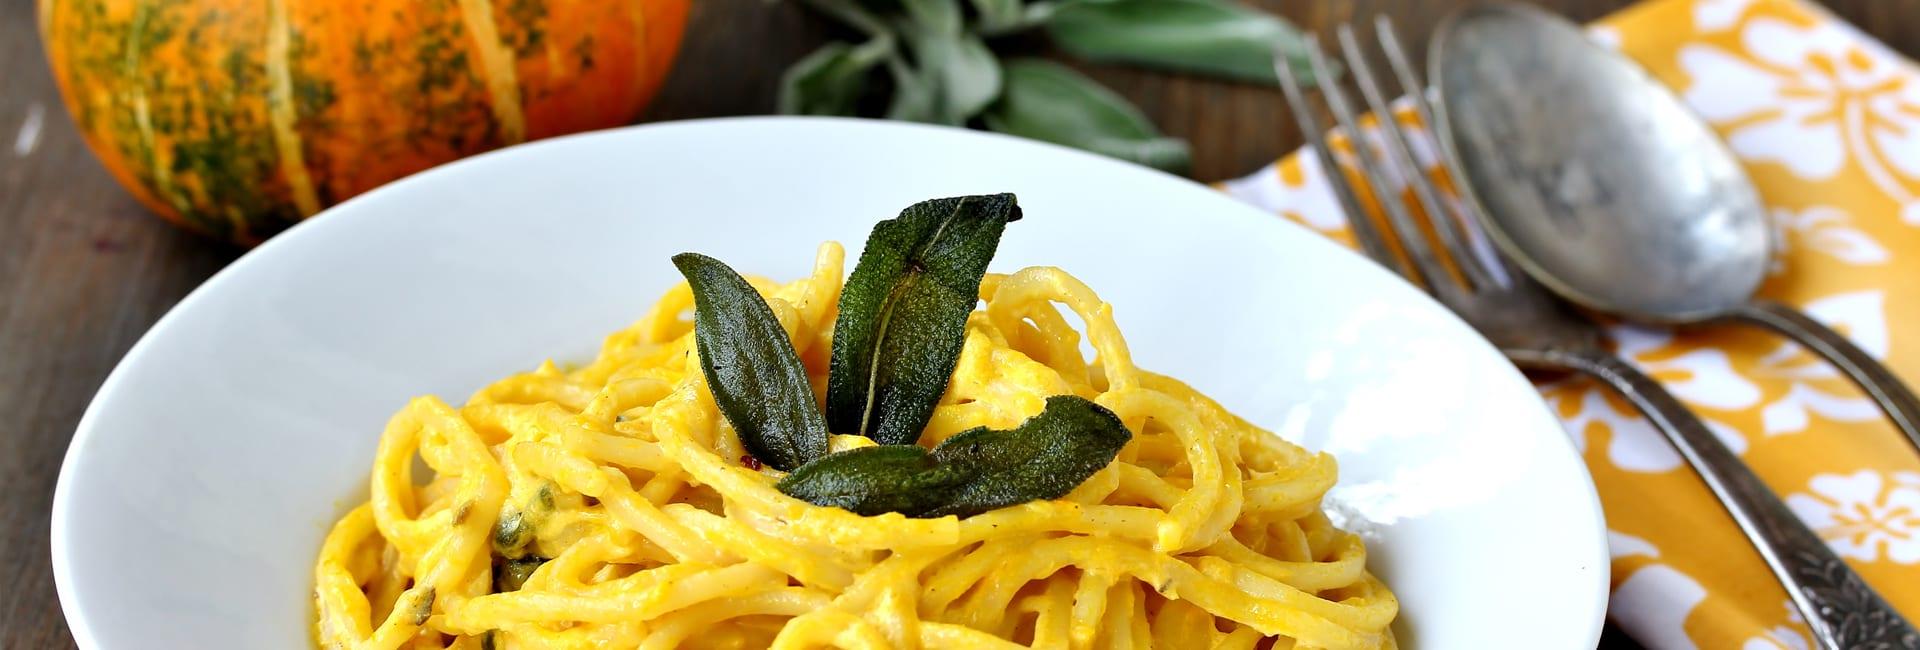 Espaguetis Integrales Bio con salsa cremosa de calabaza